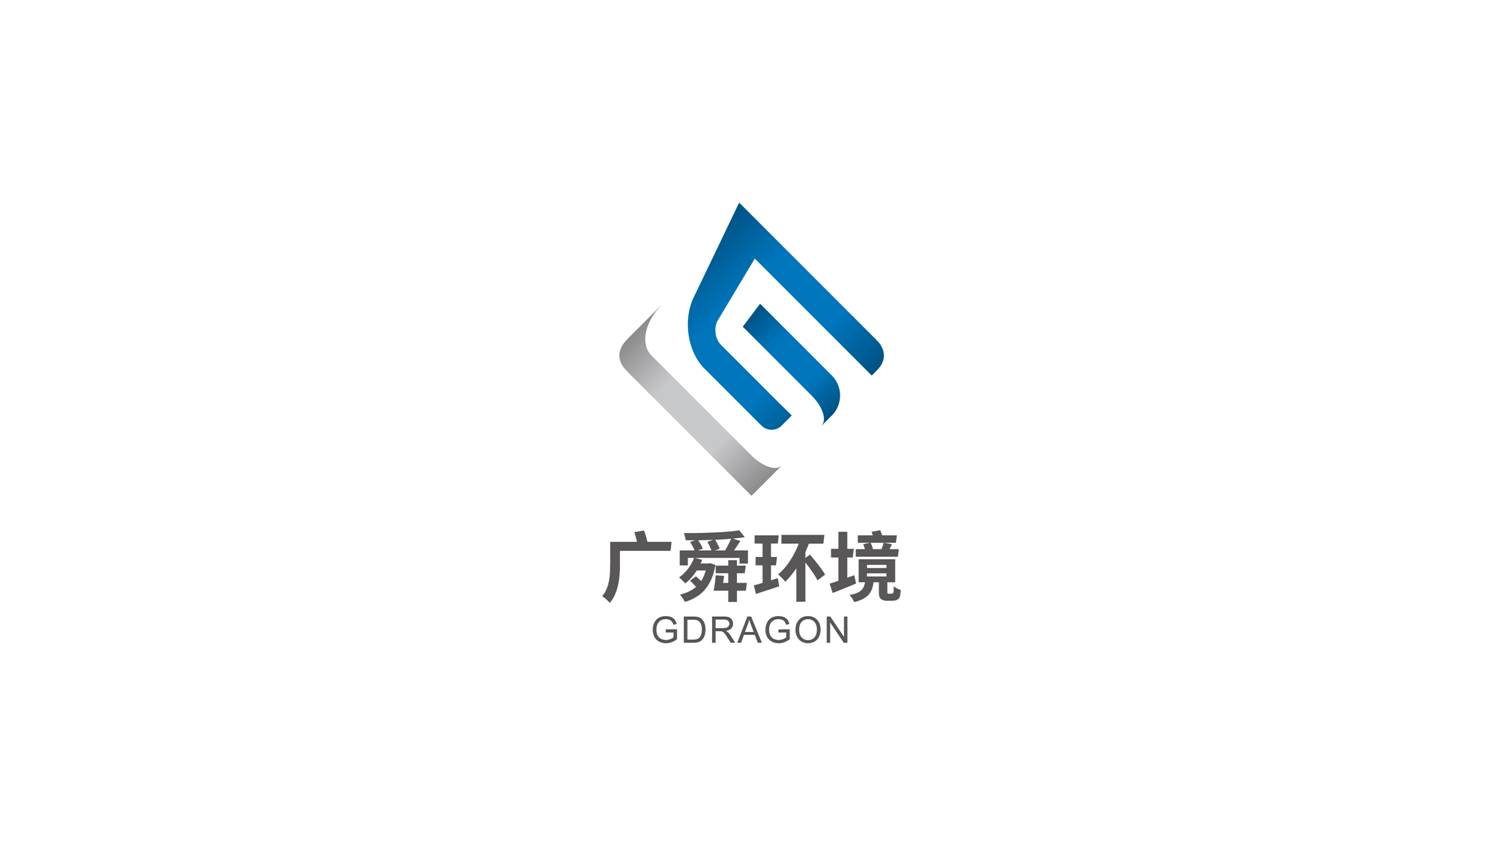 合肥广舜环境科技有限公司